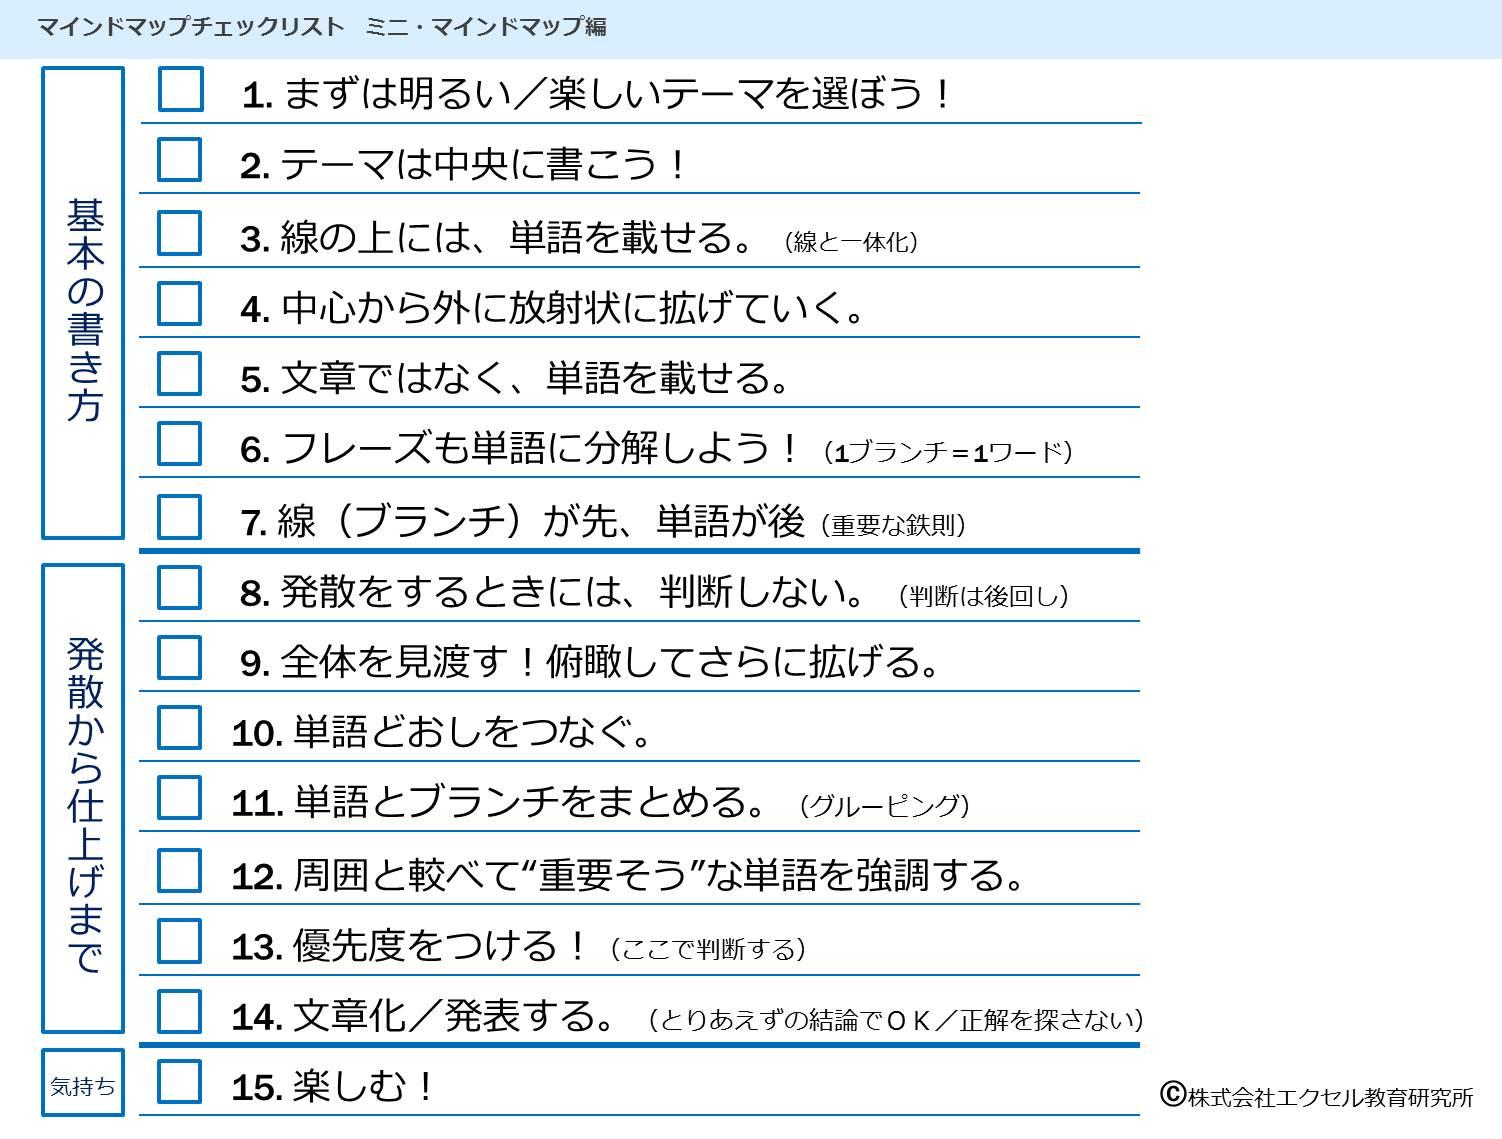 マインドマップチェックリスト